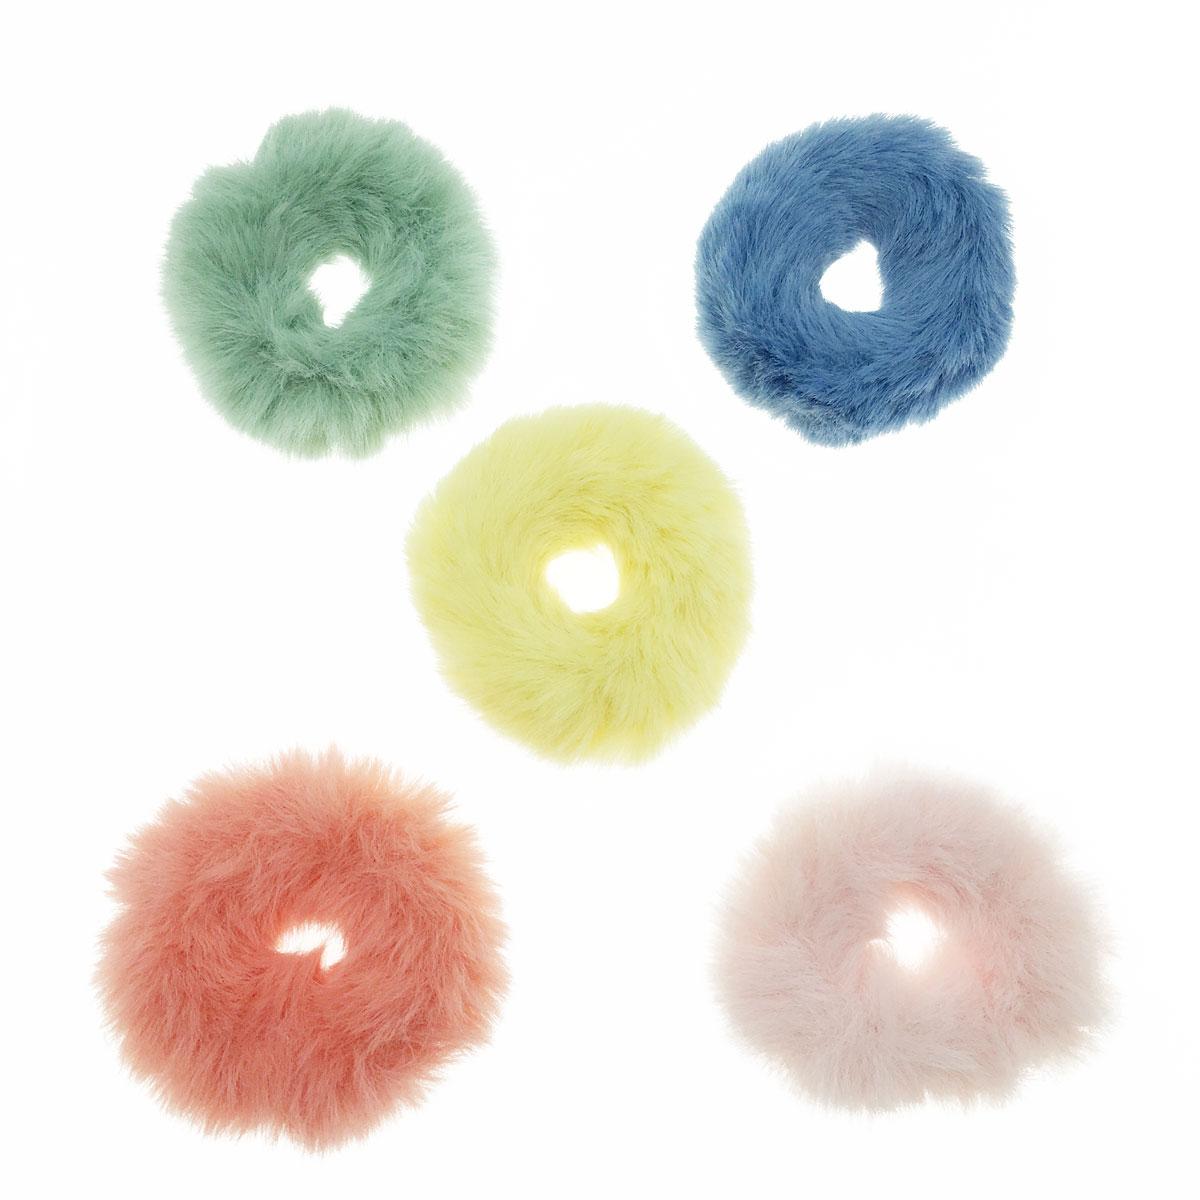 韓國 簡約 毛毛 單色 五入一組 髮圈 髮束 髮飾